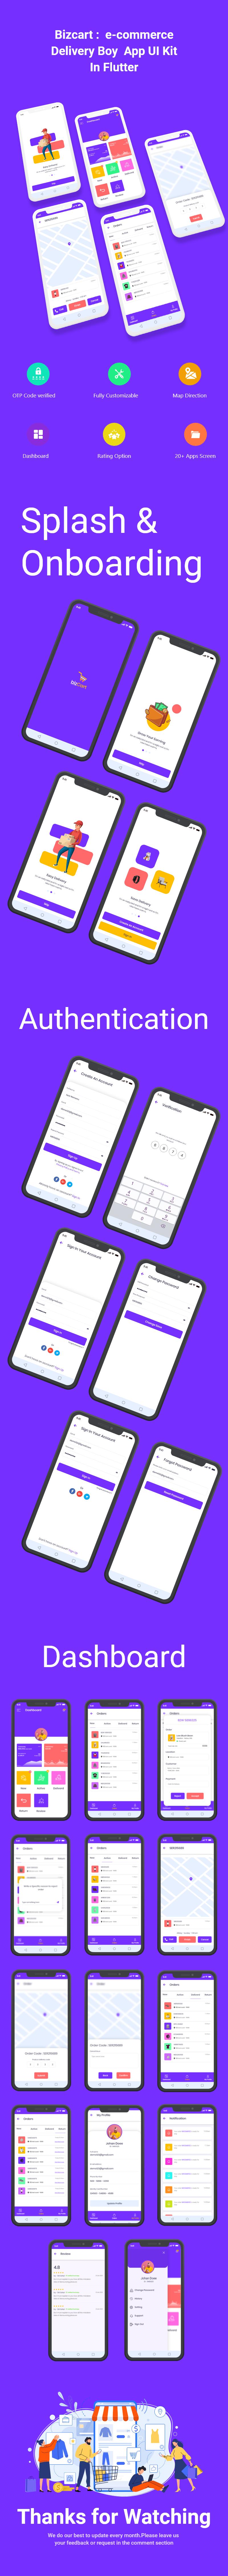 BizCart - Multi vendor e-commerce Flutter Full App UI Kit - 4